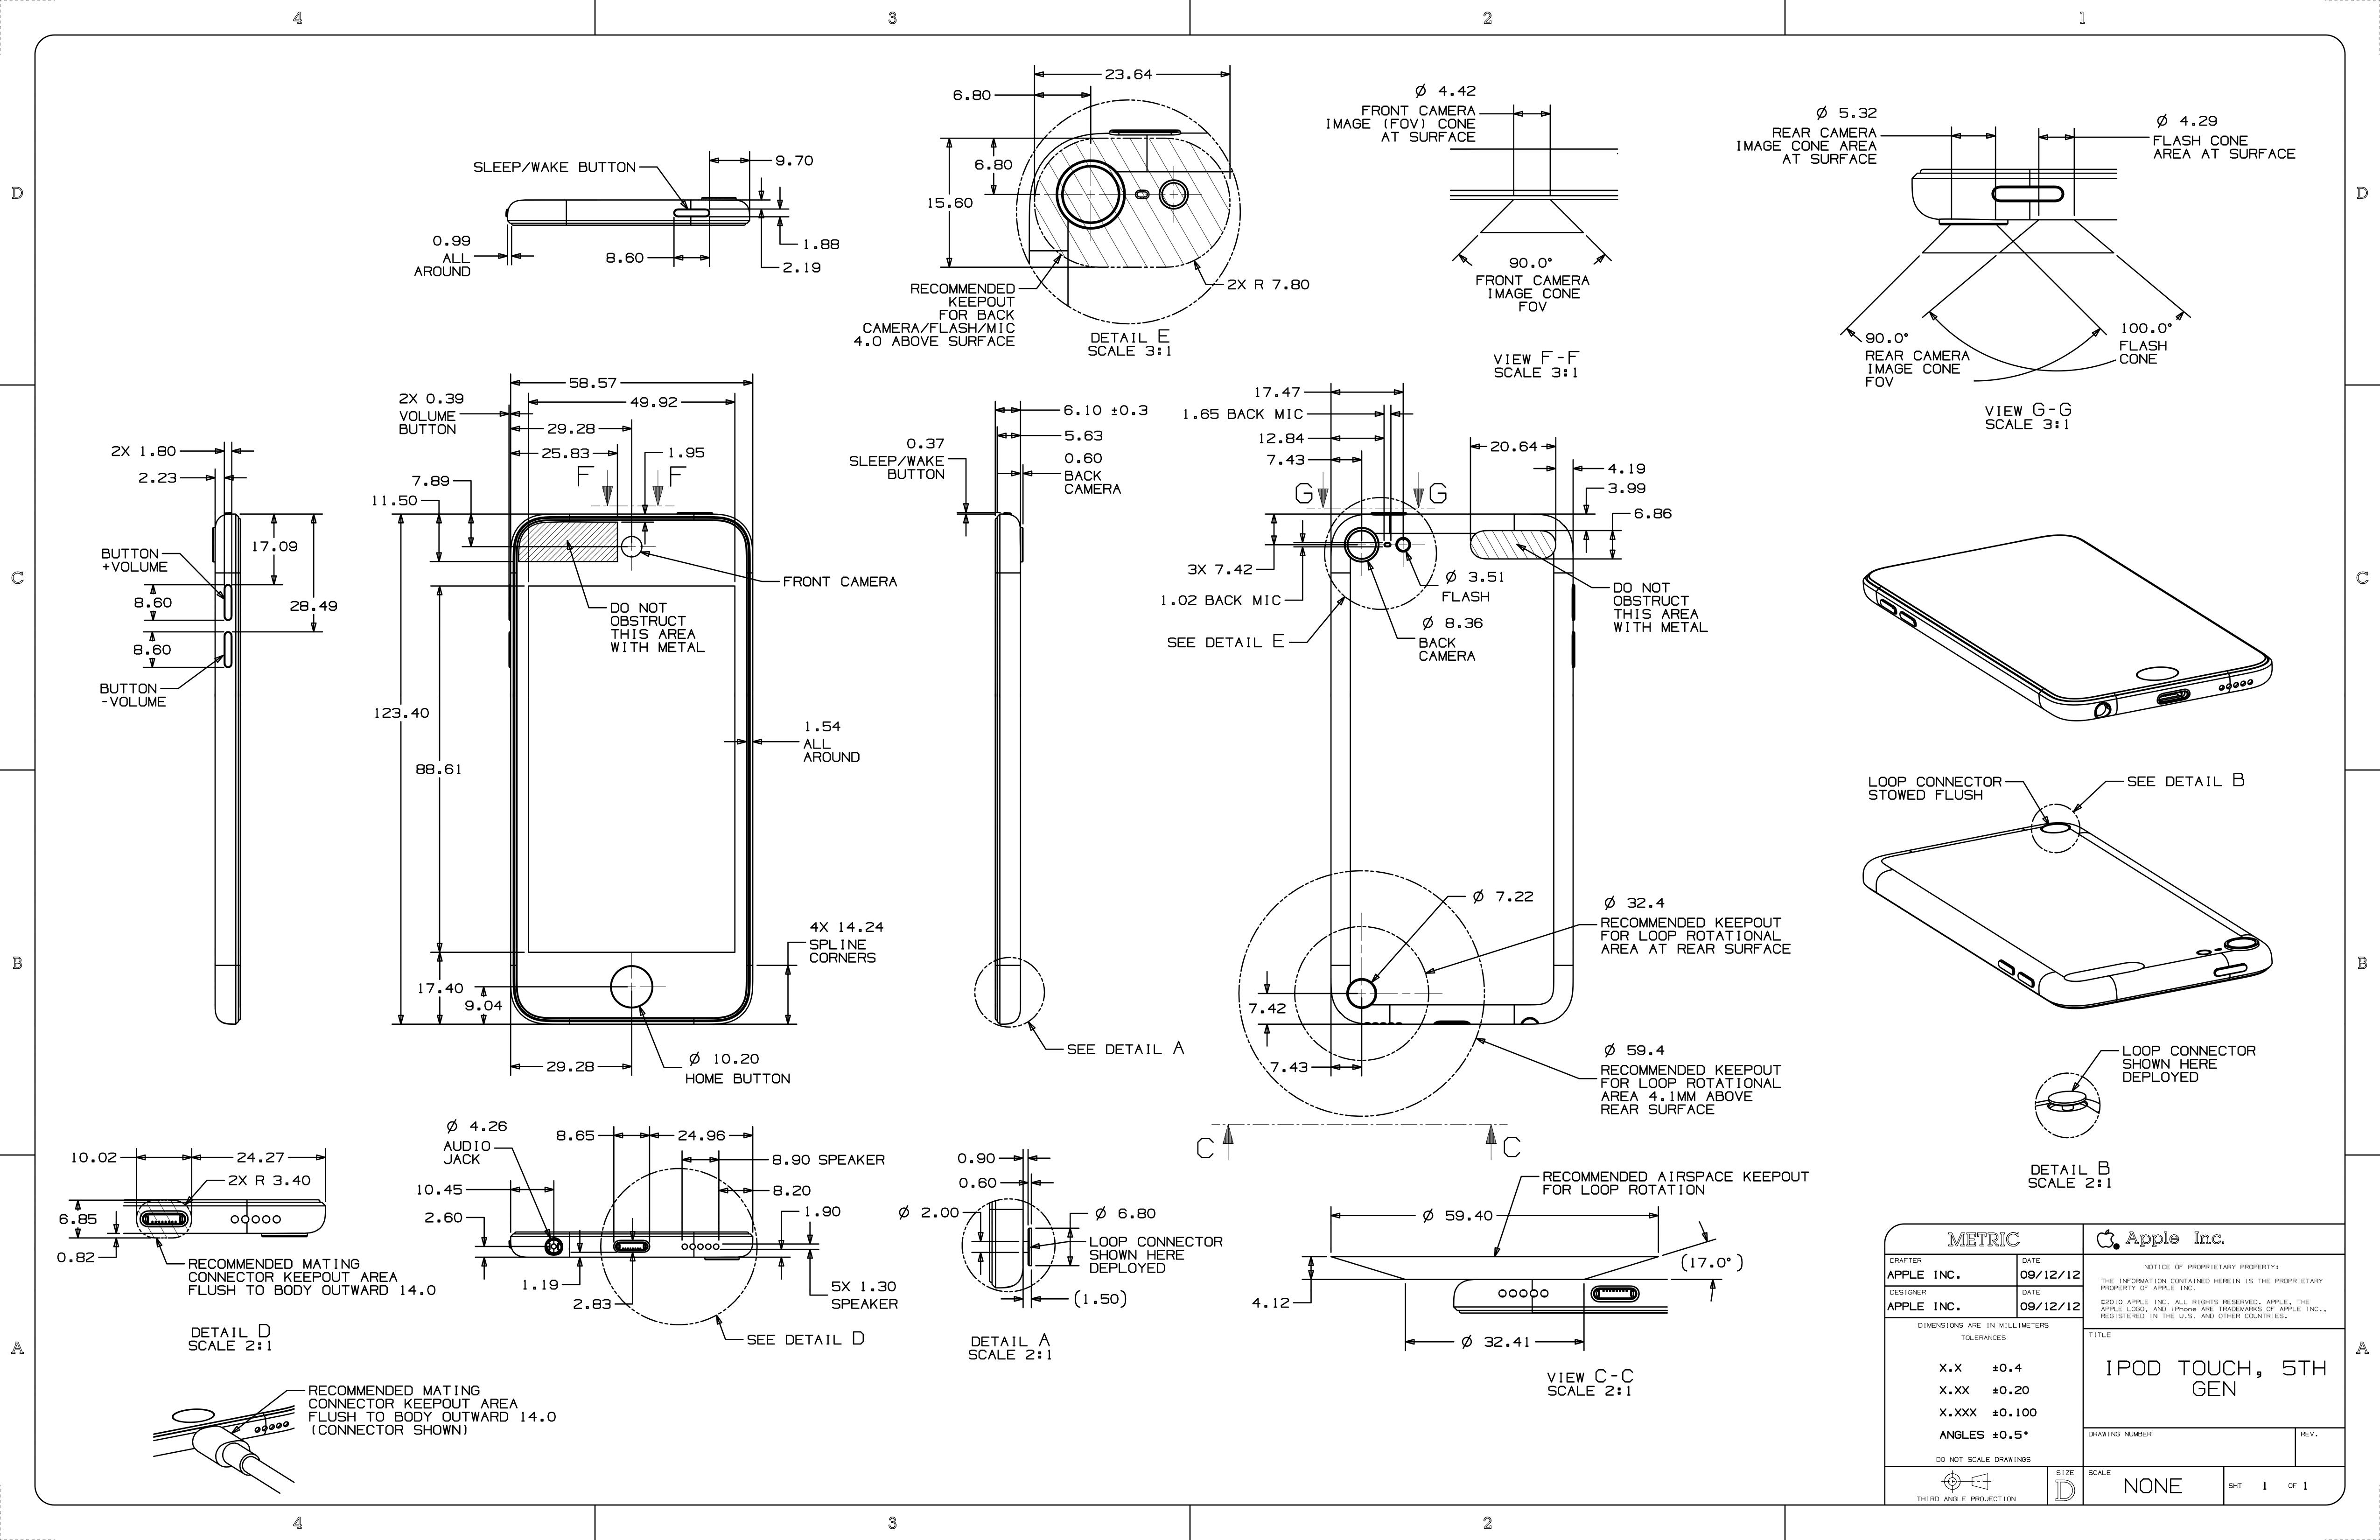 Desenho esquemático do iPod touch